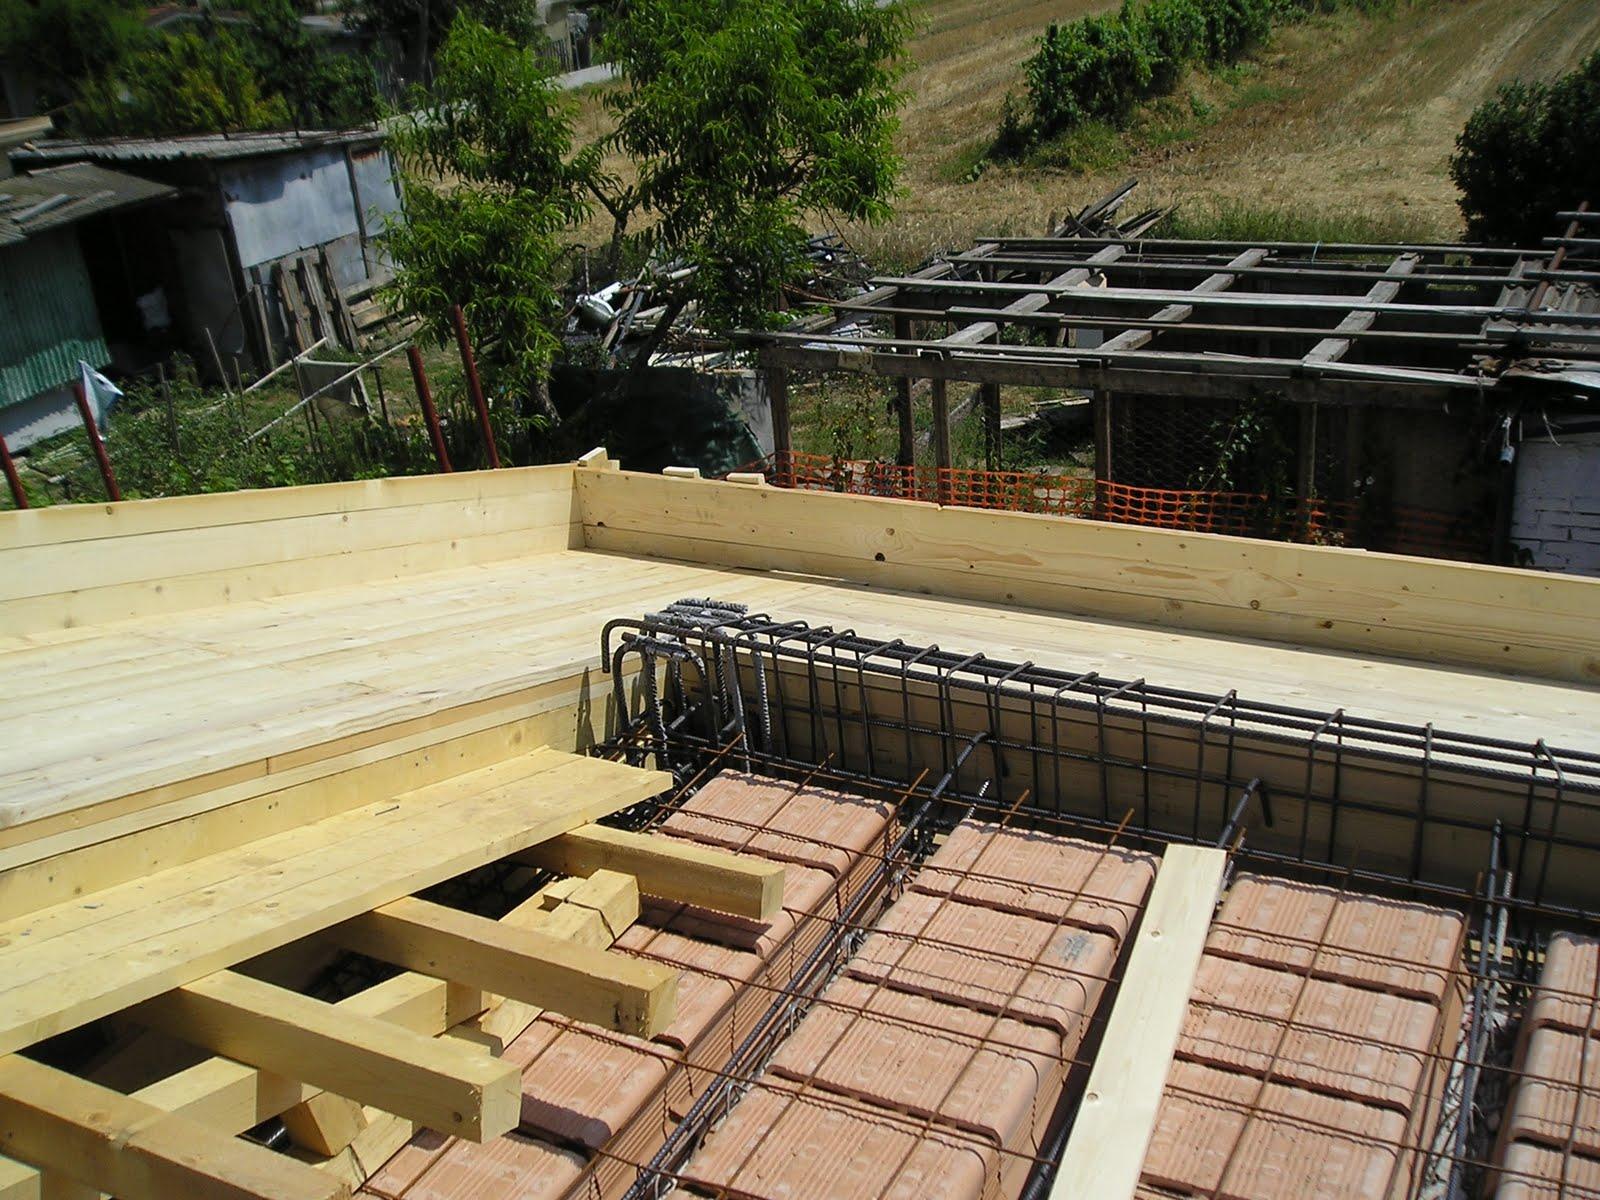 Promura romagna srls servizi tecnici per per la casa progetti tecnici muratori e artigiani - Cornicione casa ...